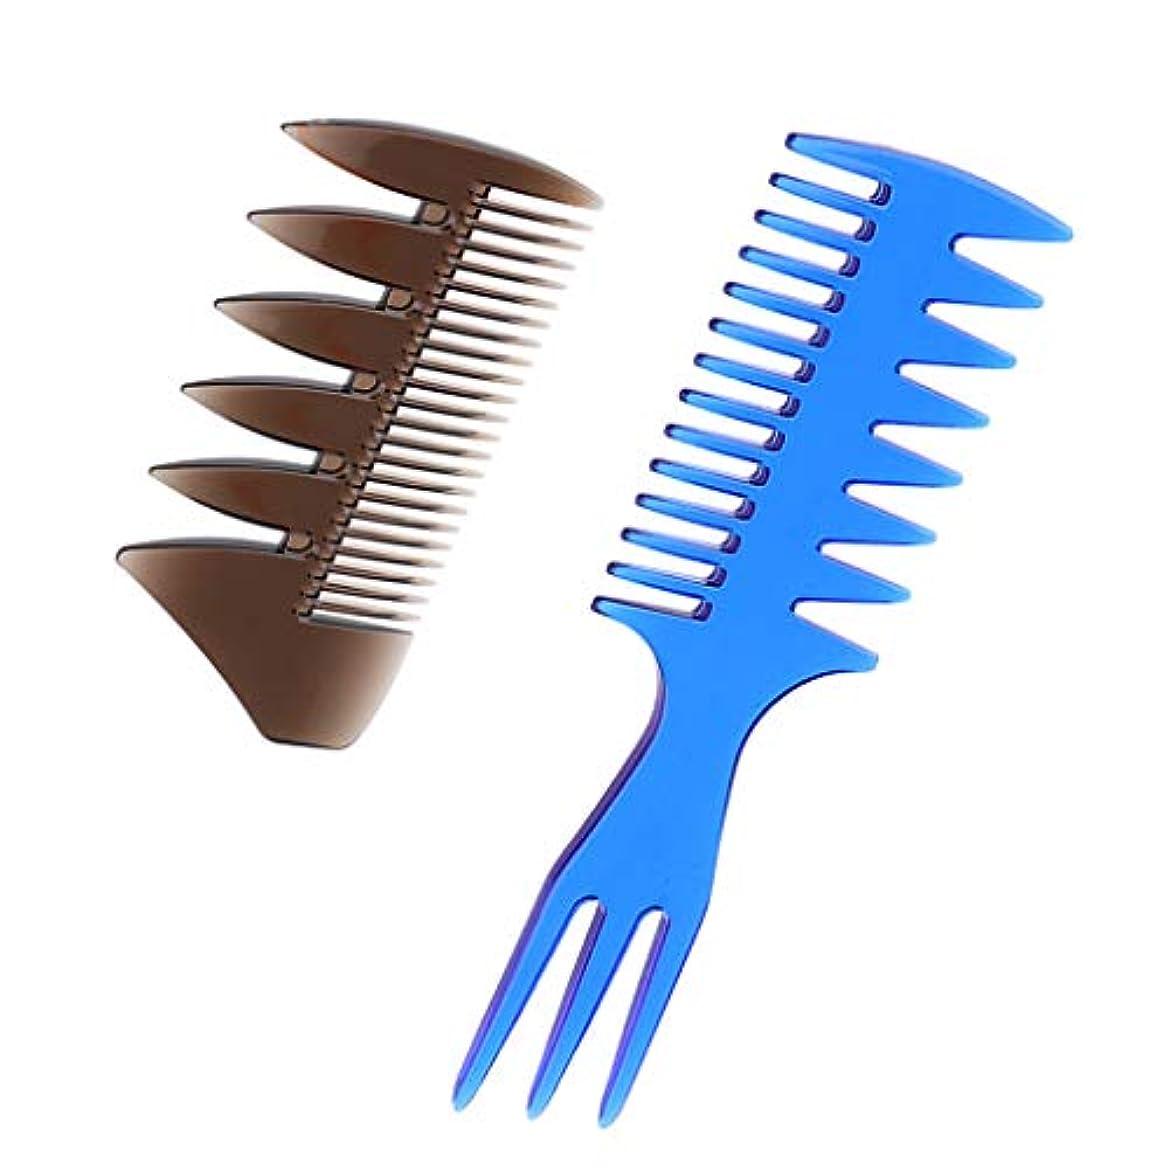 致命的な気絶させる緊張Toygogo 2ピースデュアルサイドおよび3ウェイメンズオイルヘアピックコームサロンダイサロン理髪スタイリング